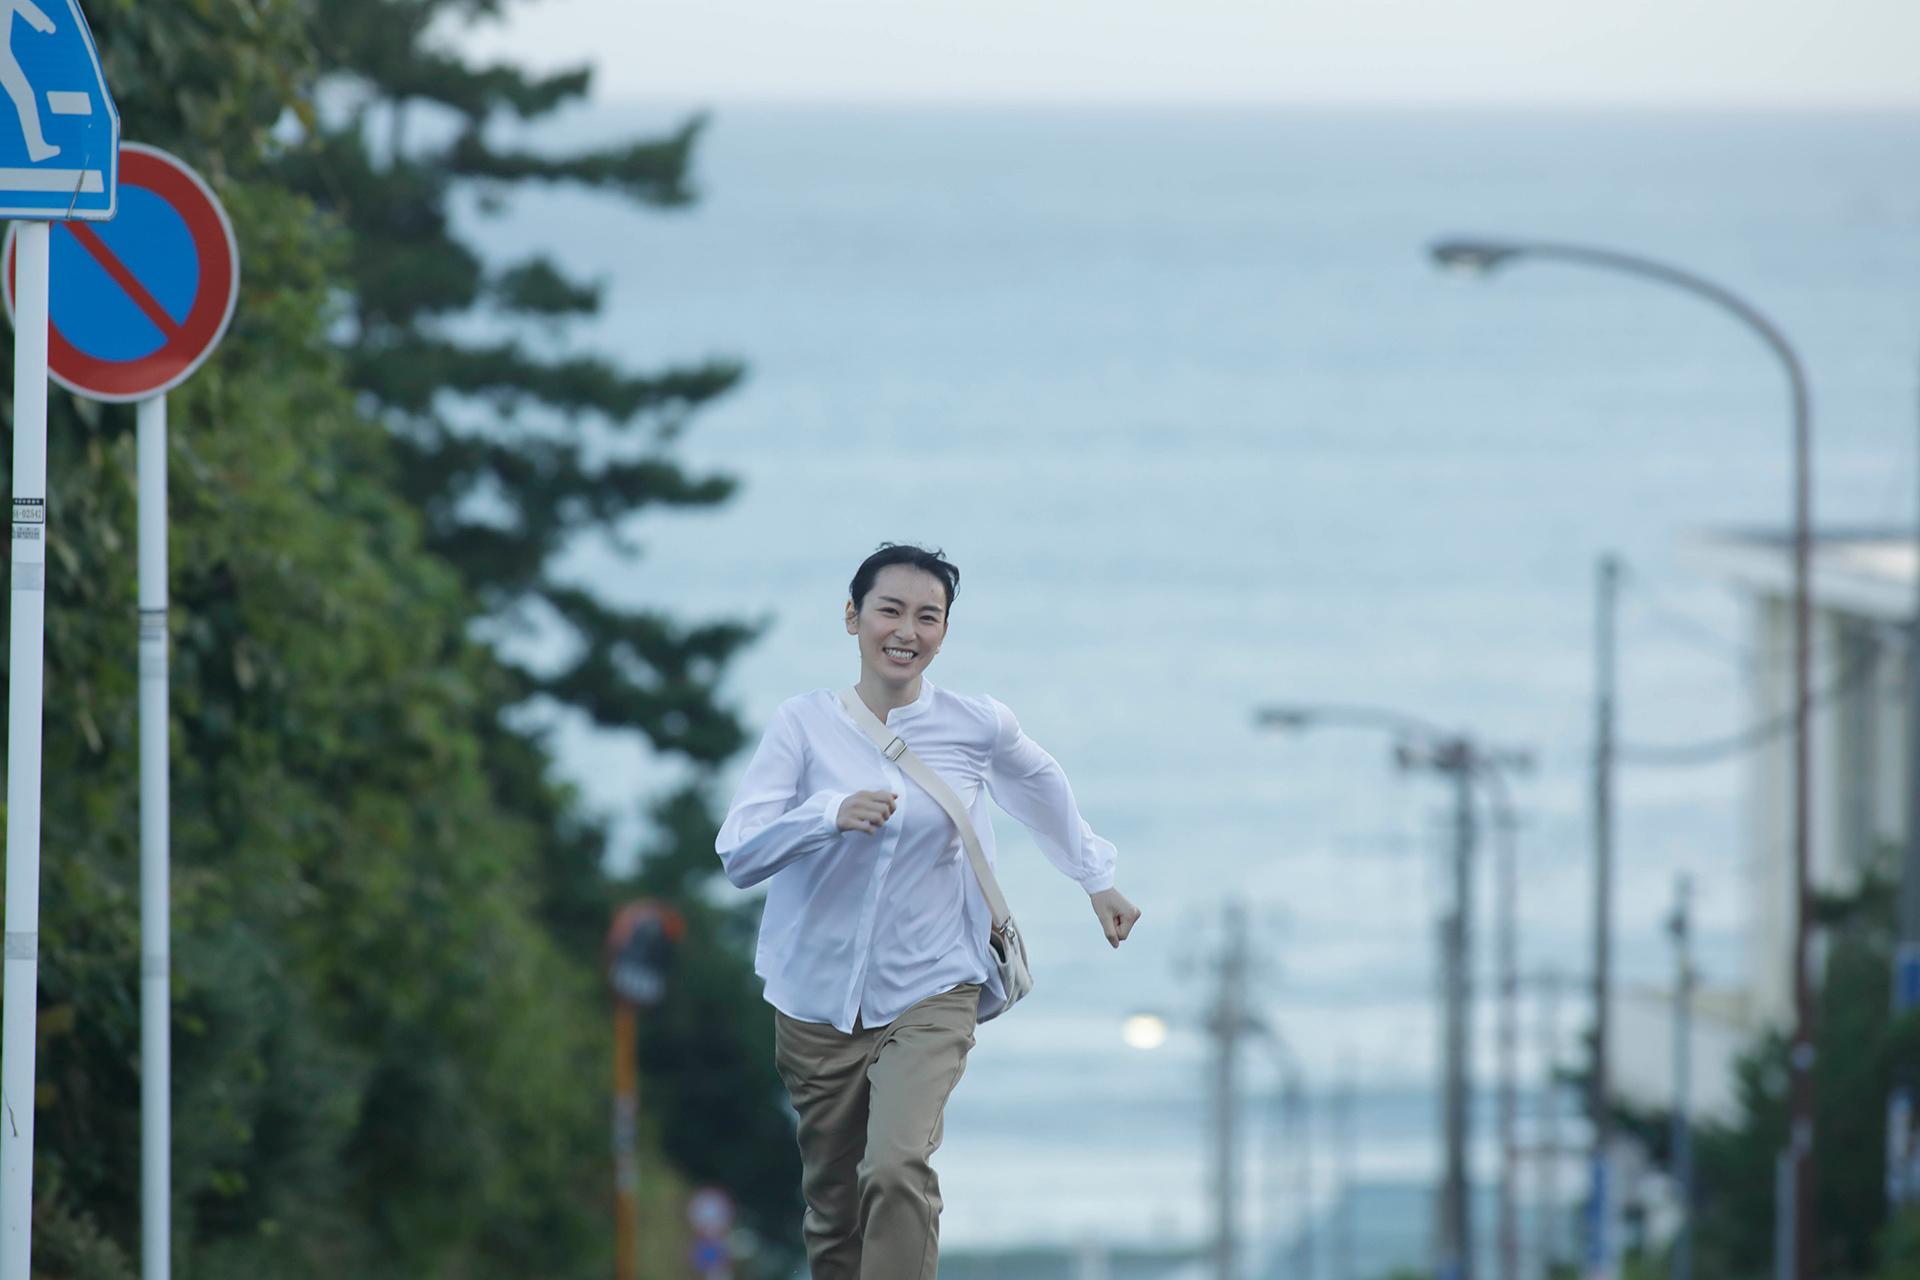 SOMPOケア初のテレビCM「この道のプロ」篇CMソングを担当!